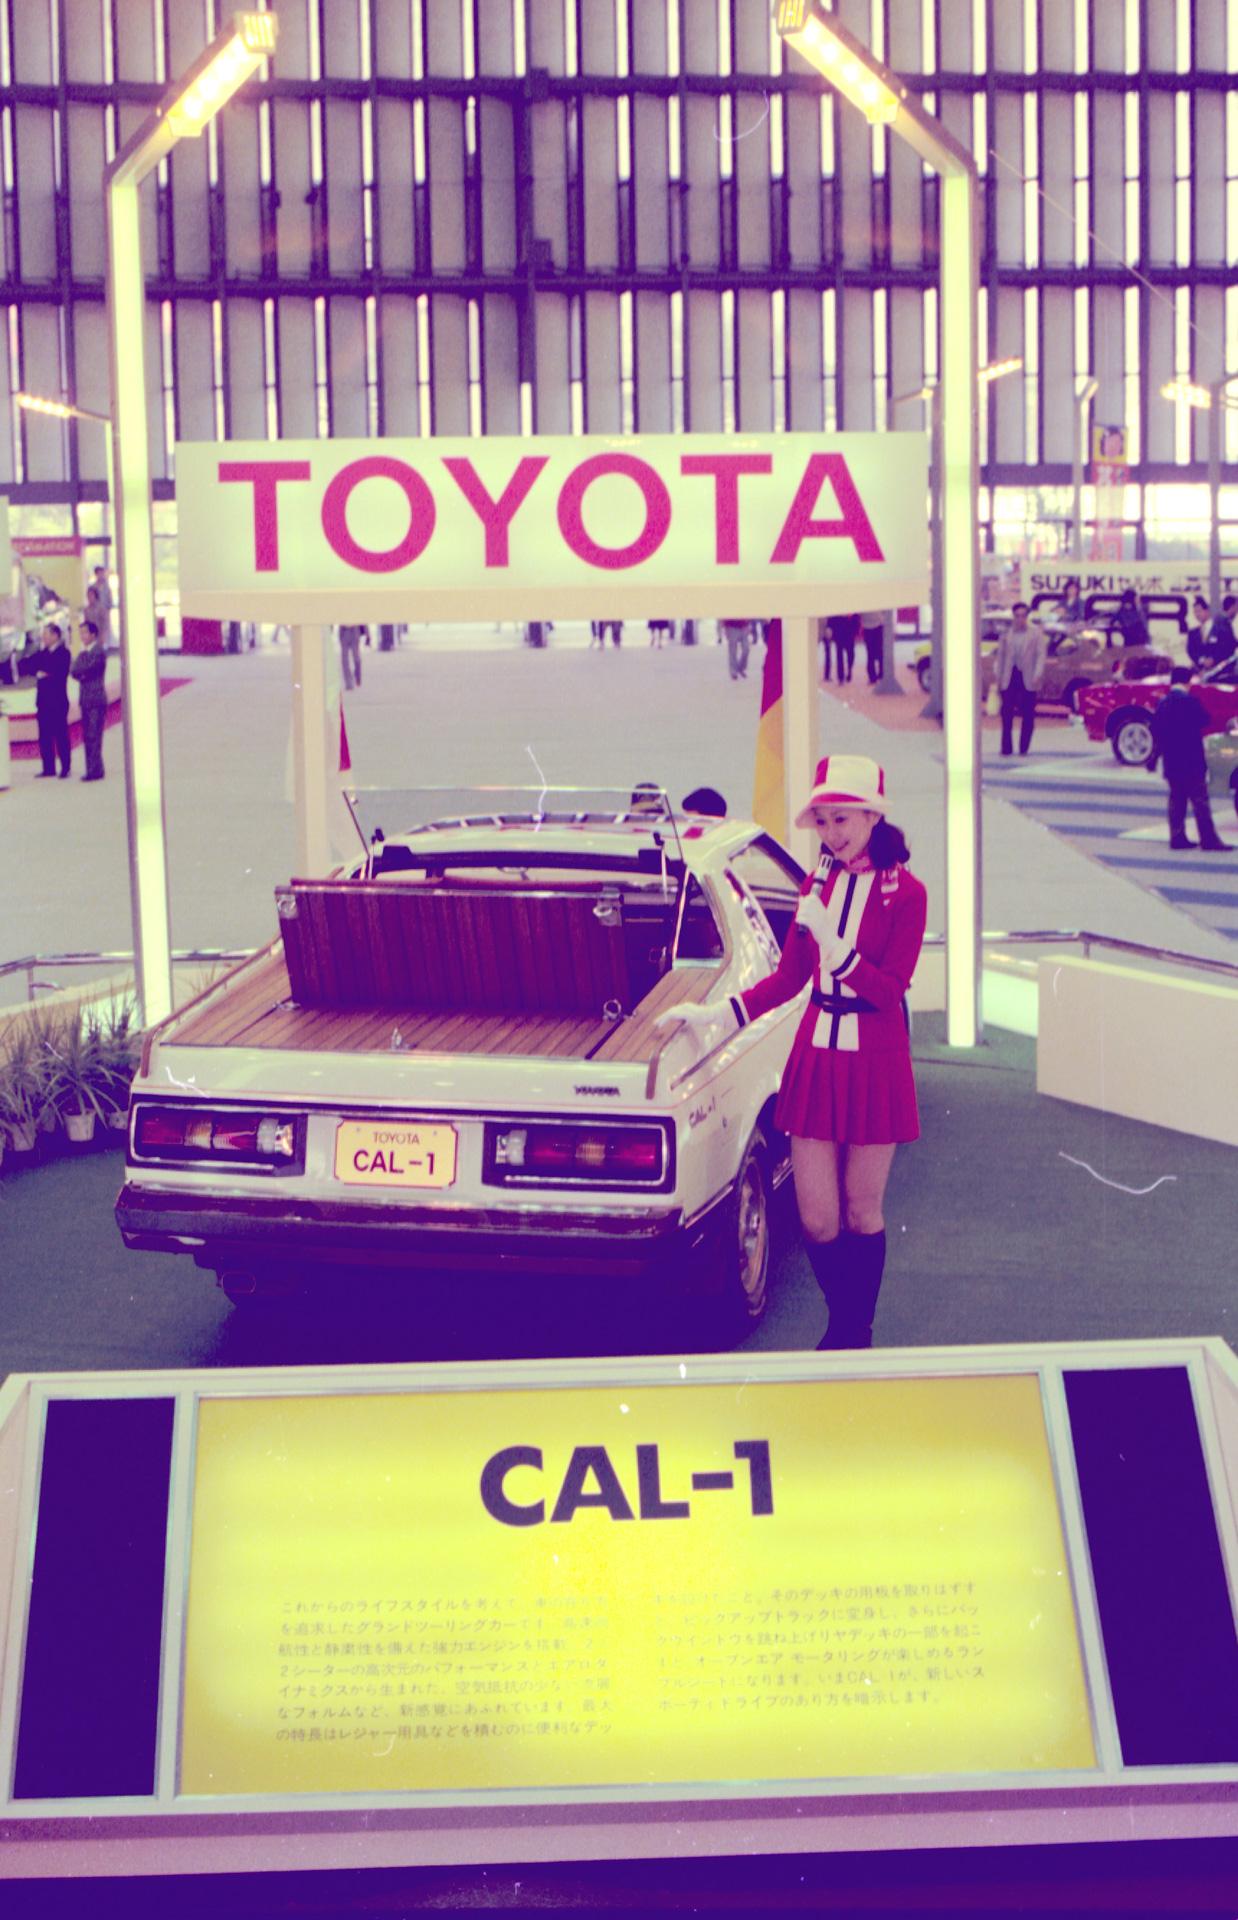 1977年 | トヨタ自動車株式会社 公式企業サイト